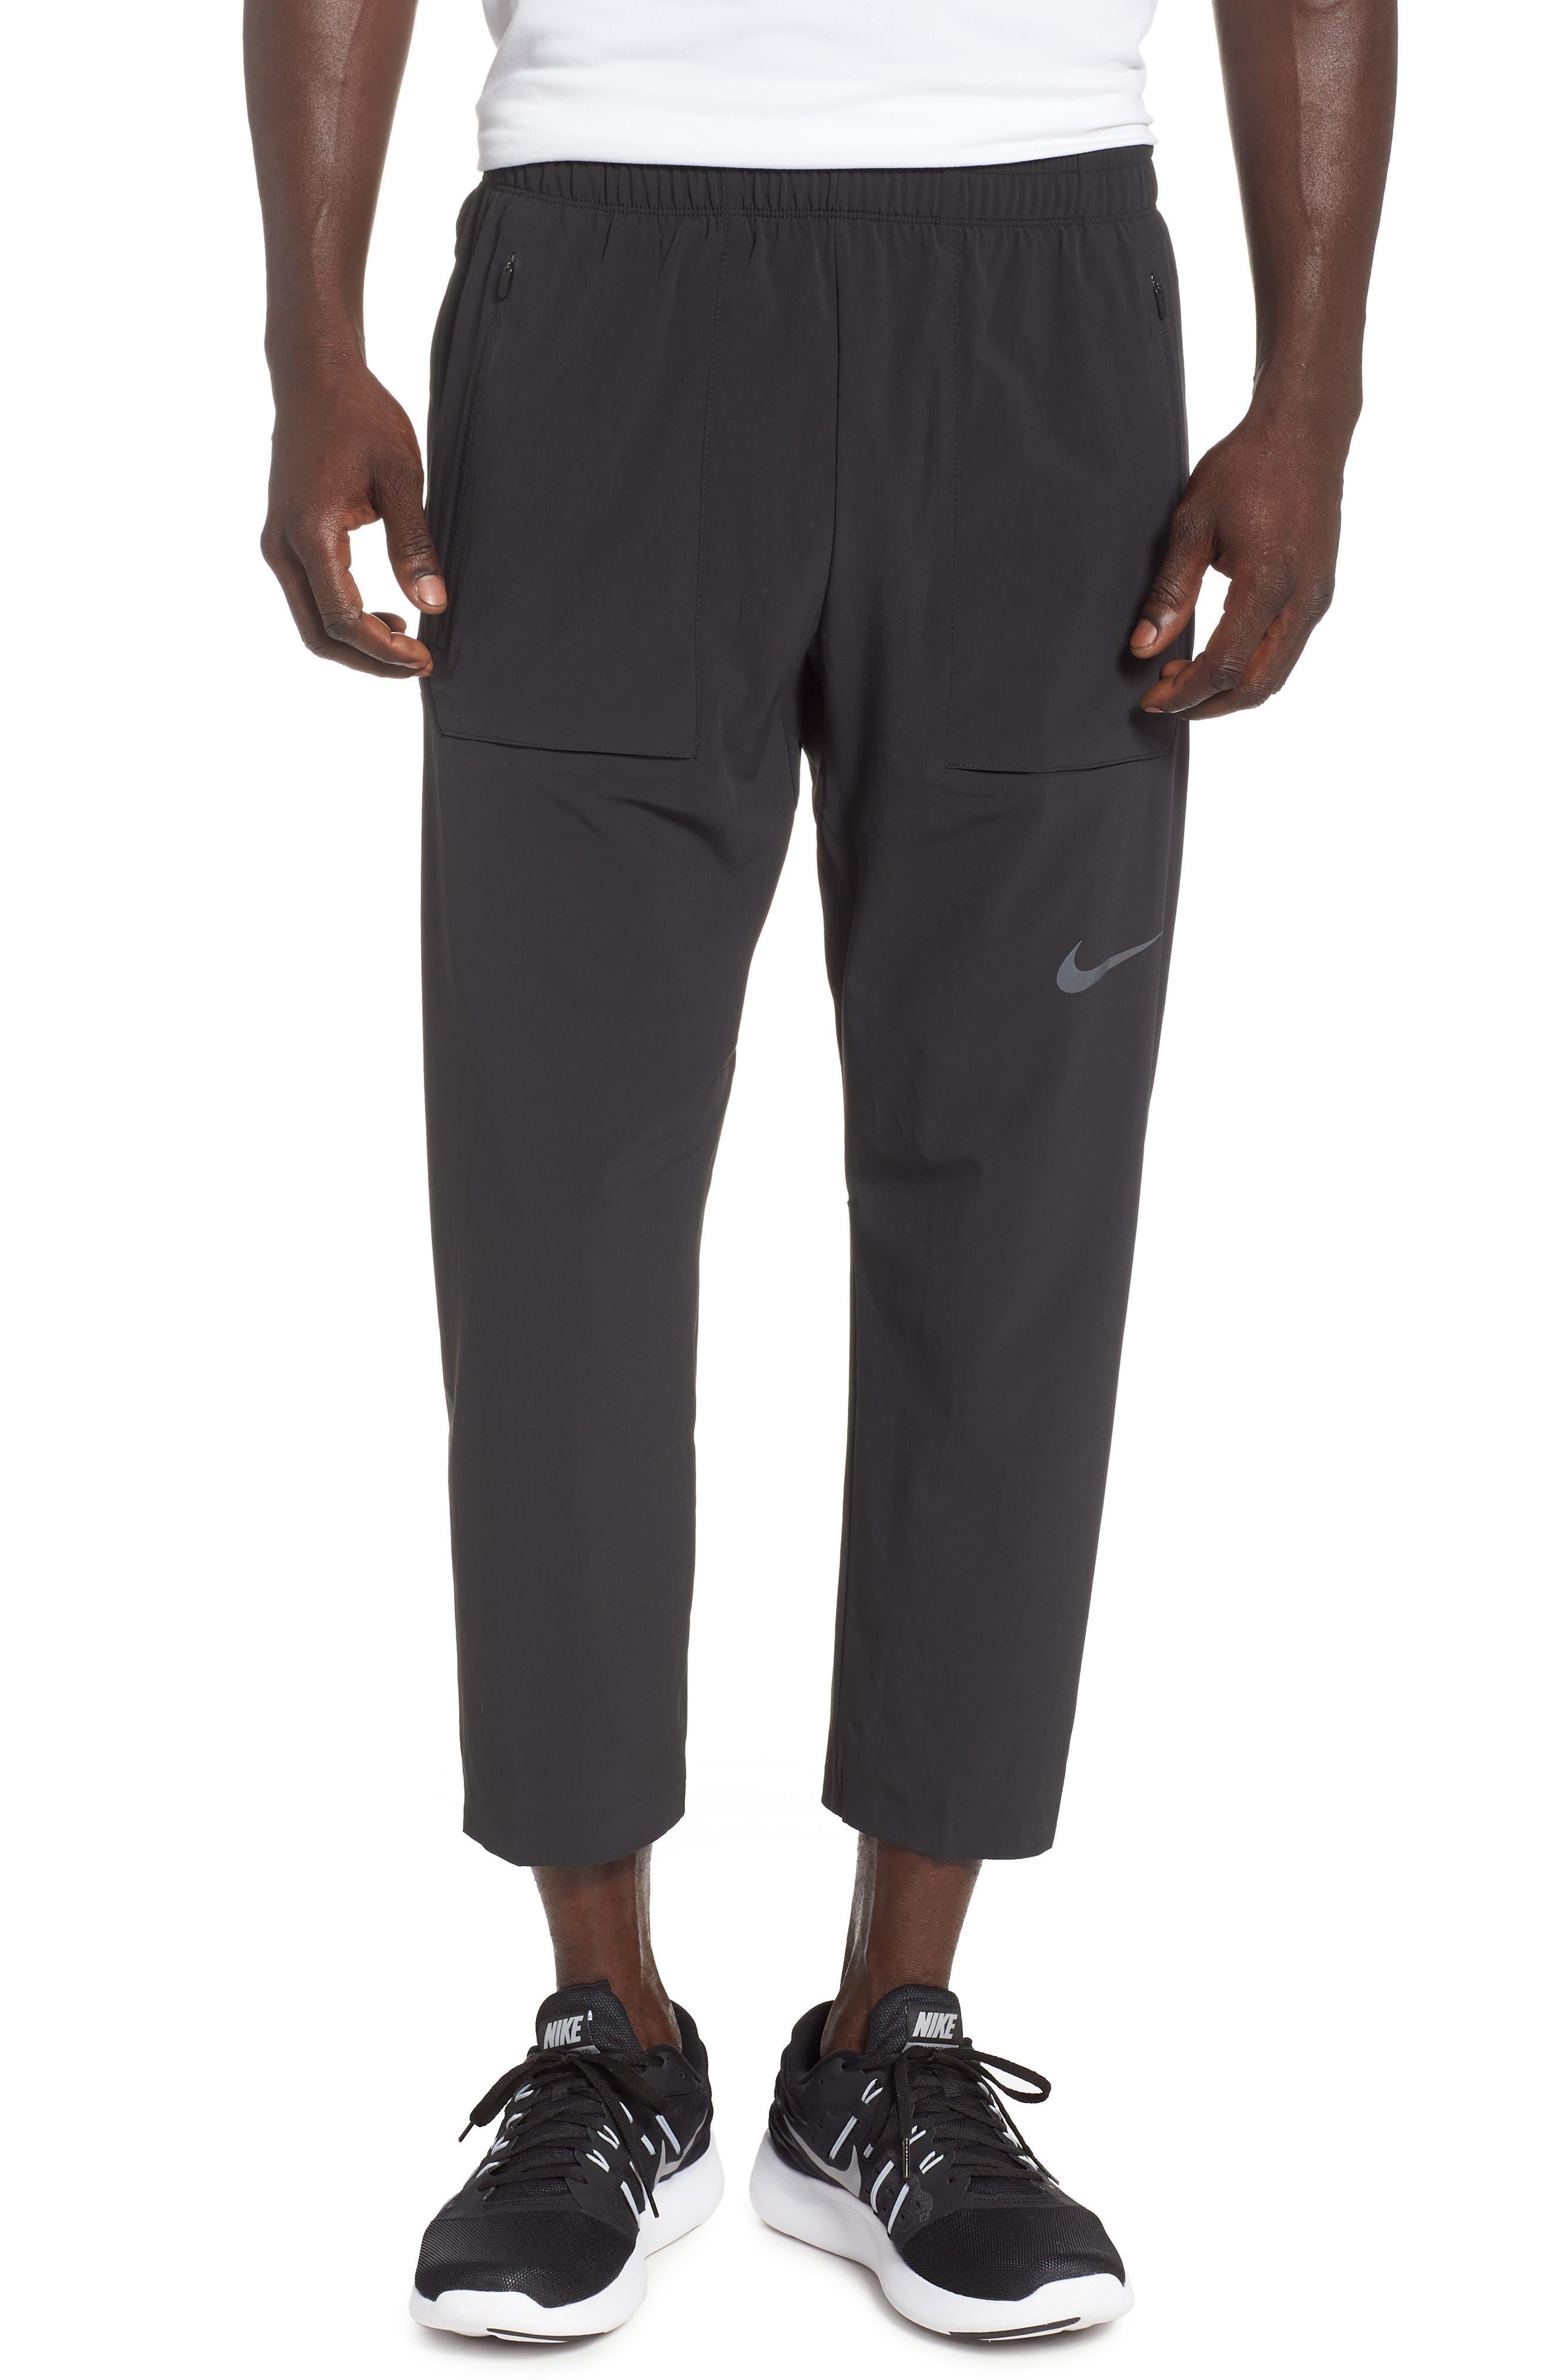 Run Division Running Pants,                             Main thumbnail 1, color,                             BLACK/ BLACK